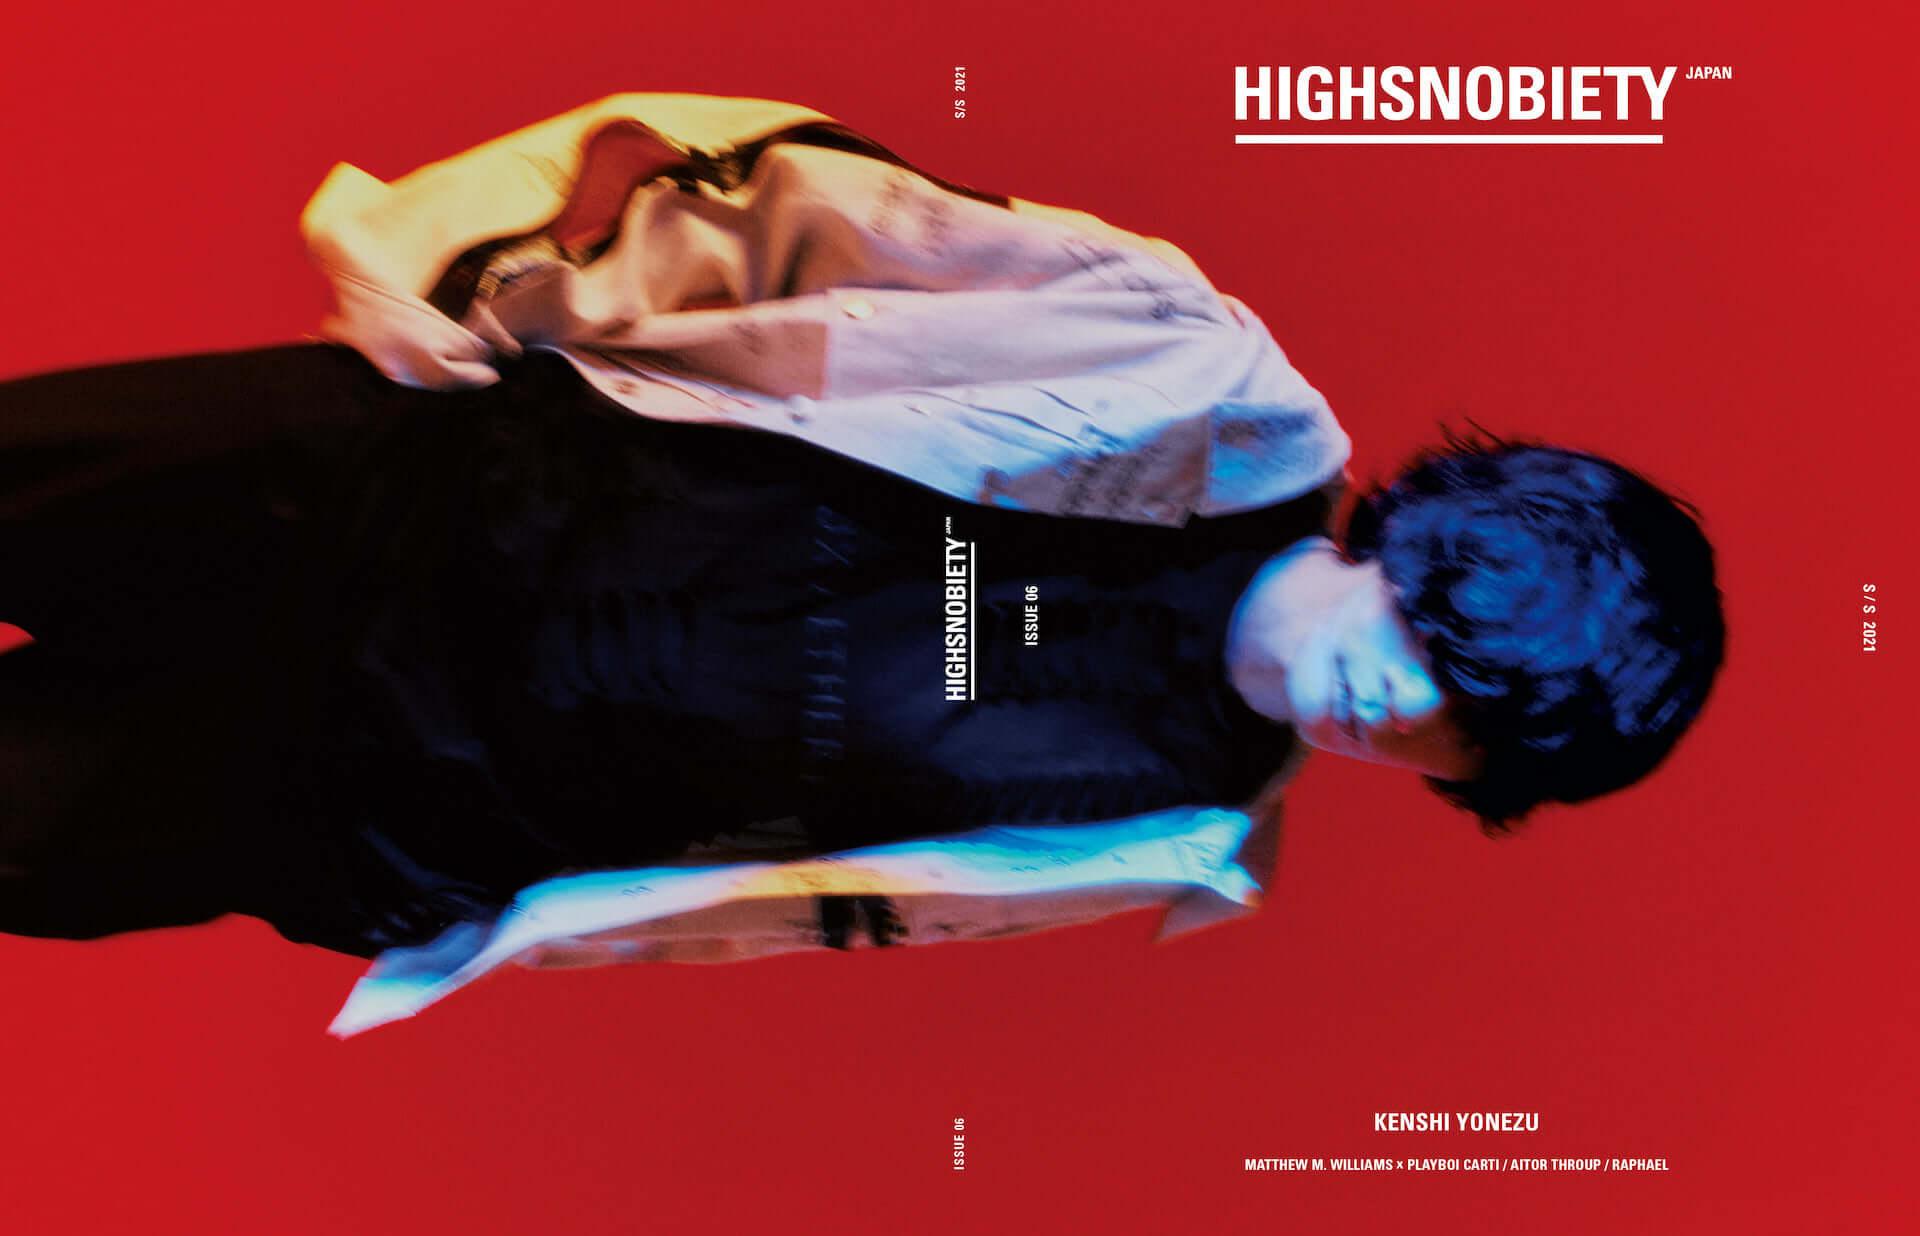 米津玄師が『HIGHSNOBIETY JAPAN』ISSUE06のカバーに登場!16ページに及ぶ大特集を掲載 music210329_yonezukenshi_4-1920x1236